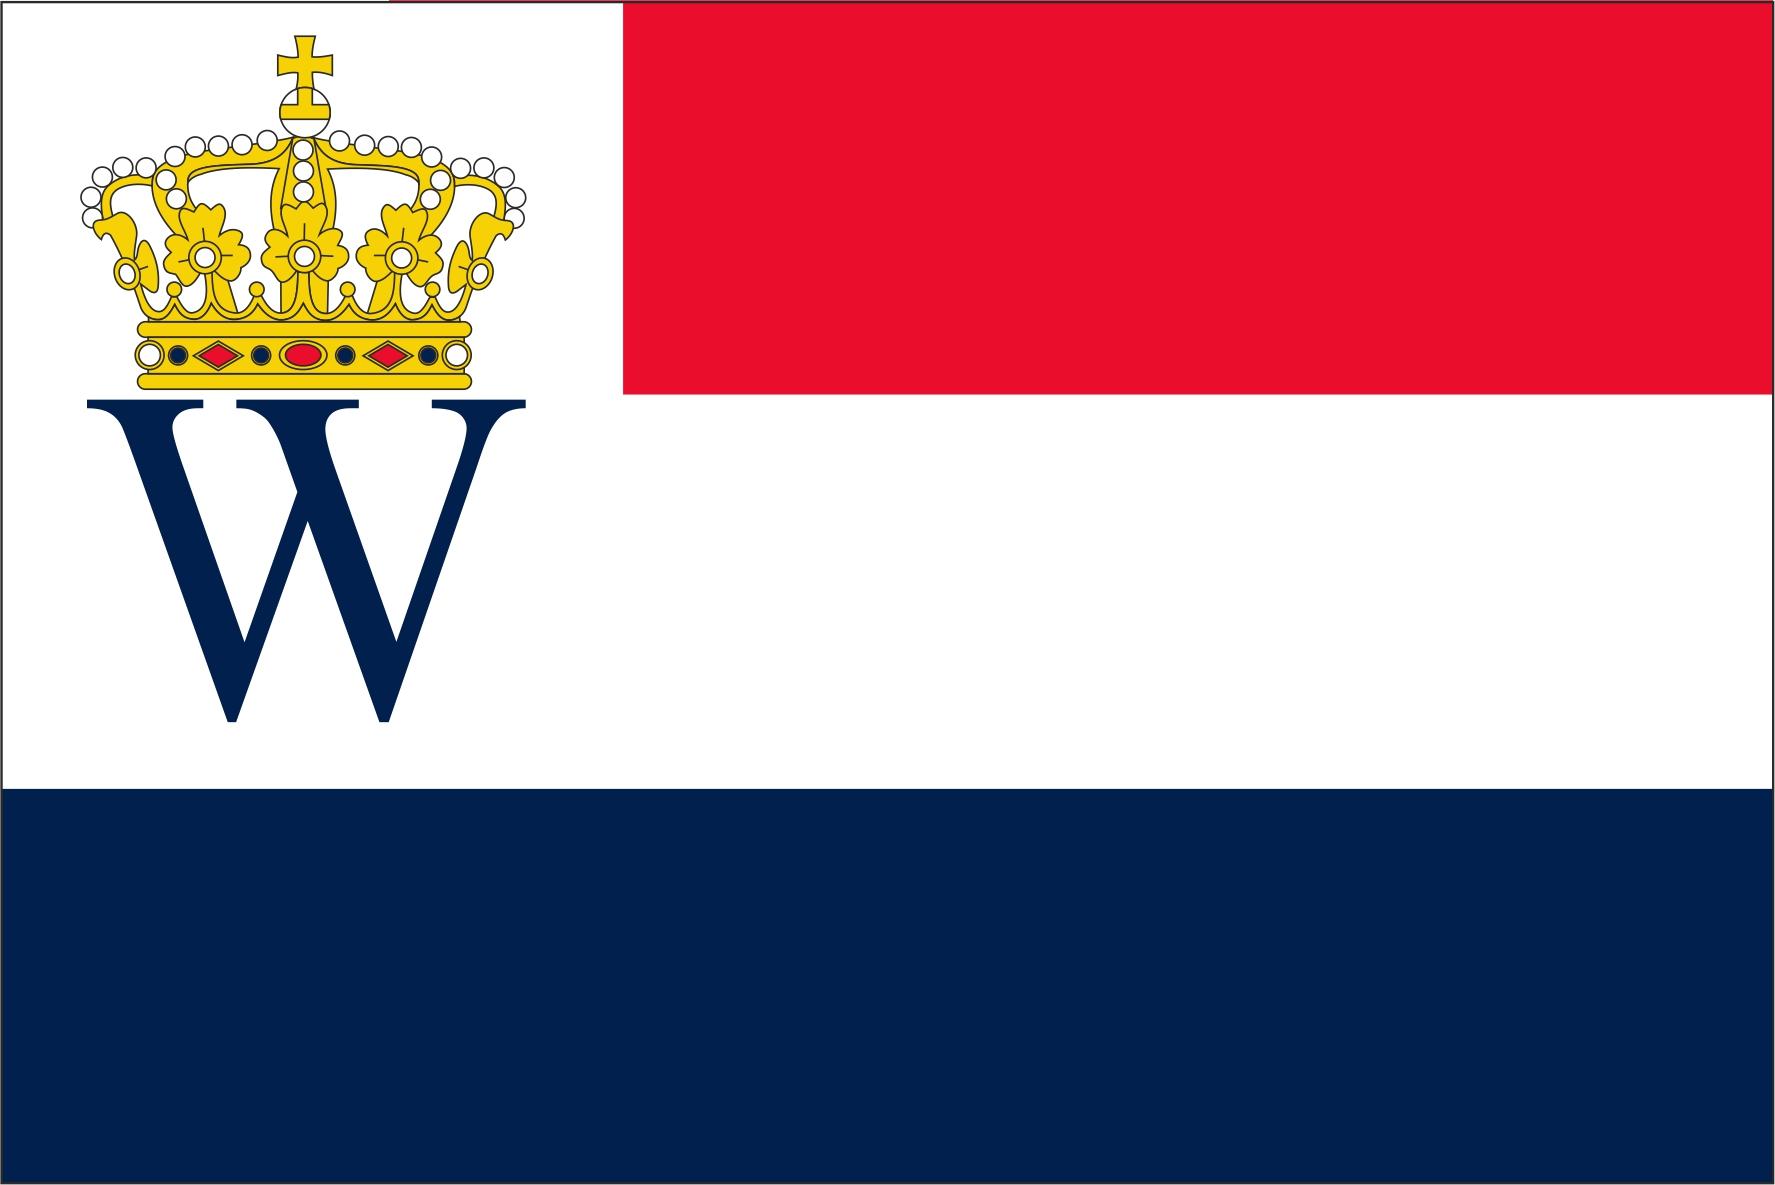 Vlag 200 jaar Koninkrijk de Nederlanden 100x150cm Oudhollands Blauw